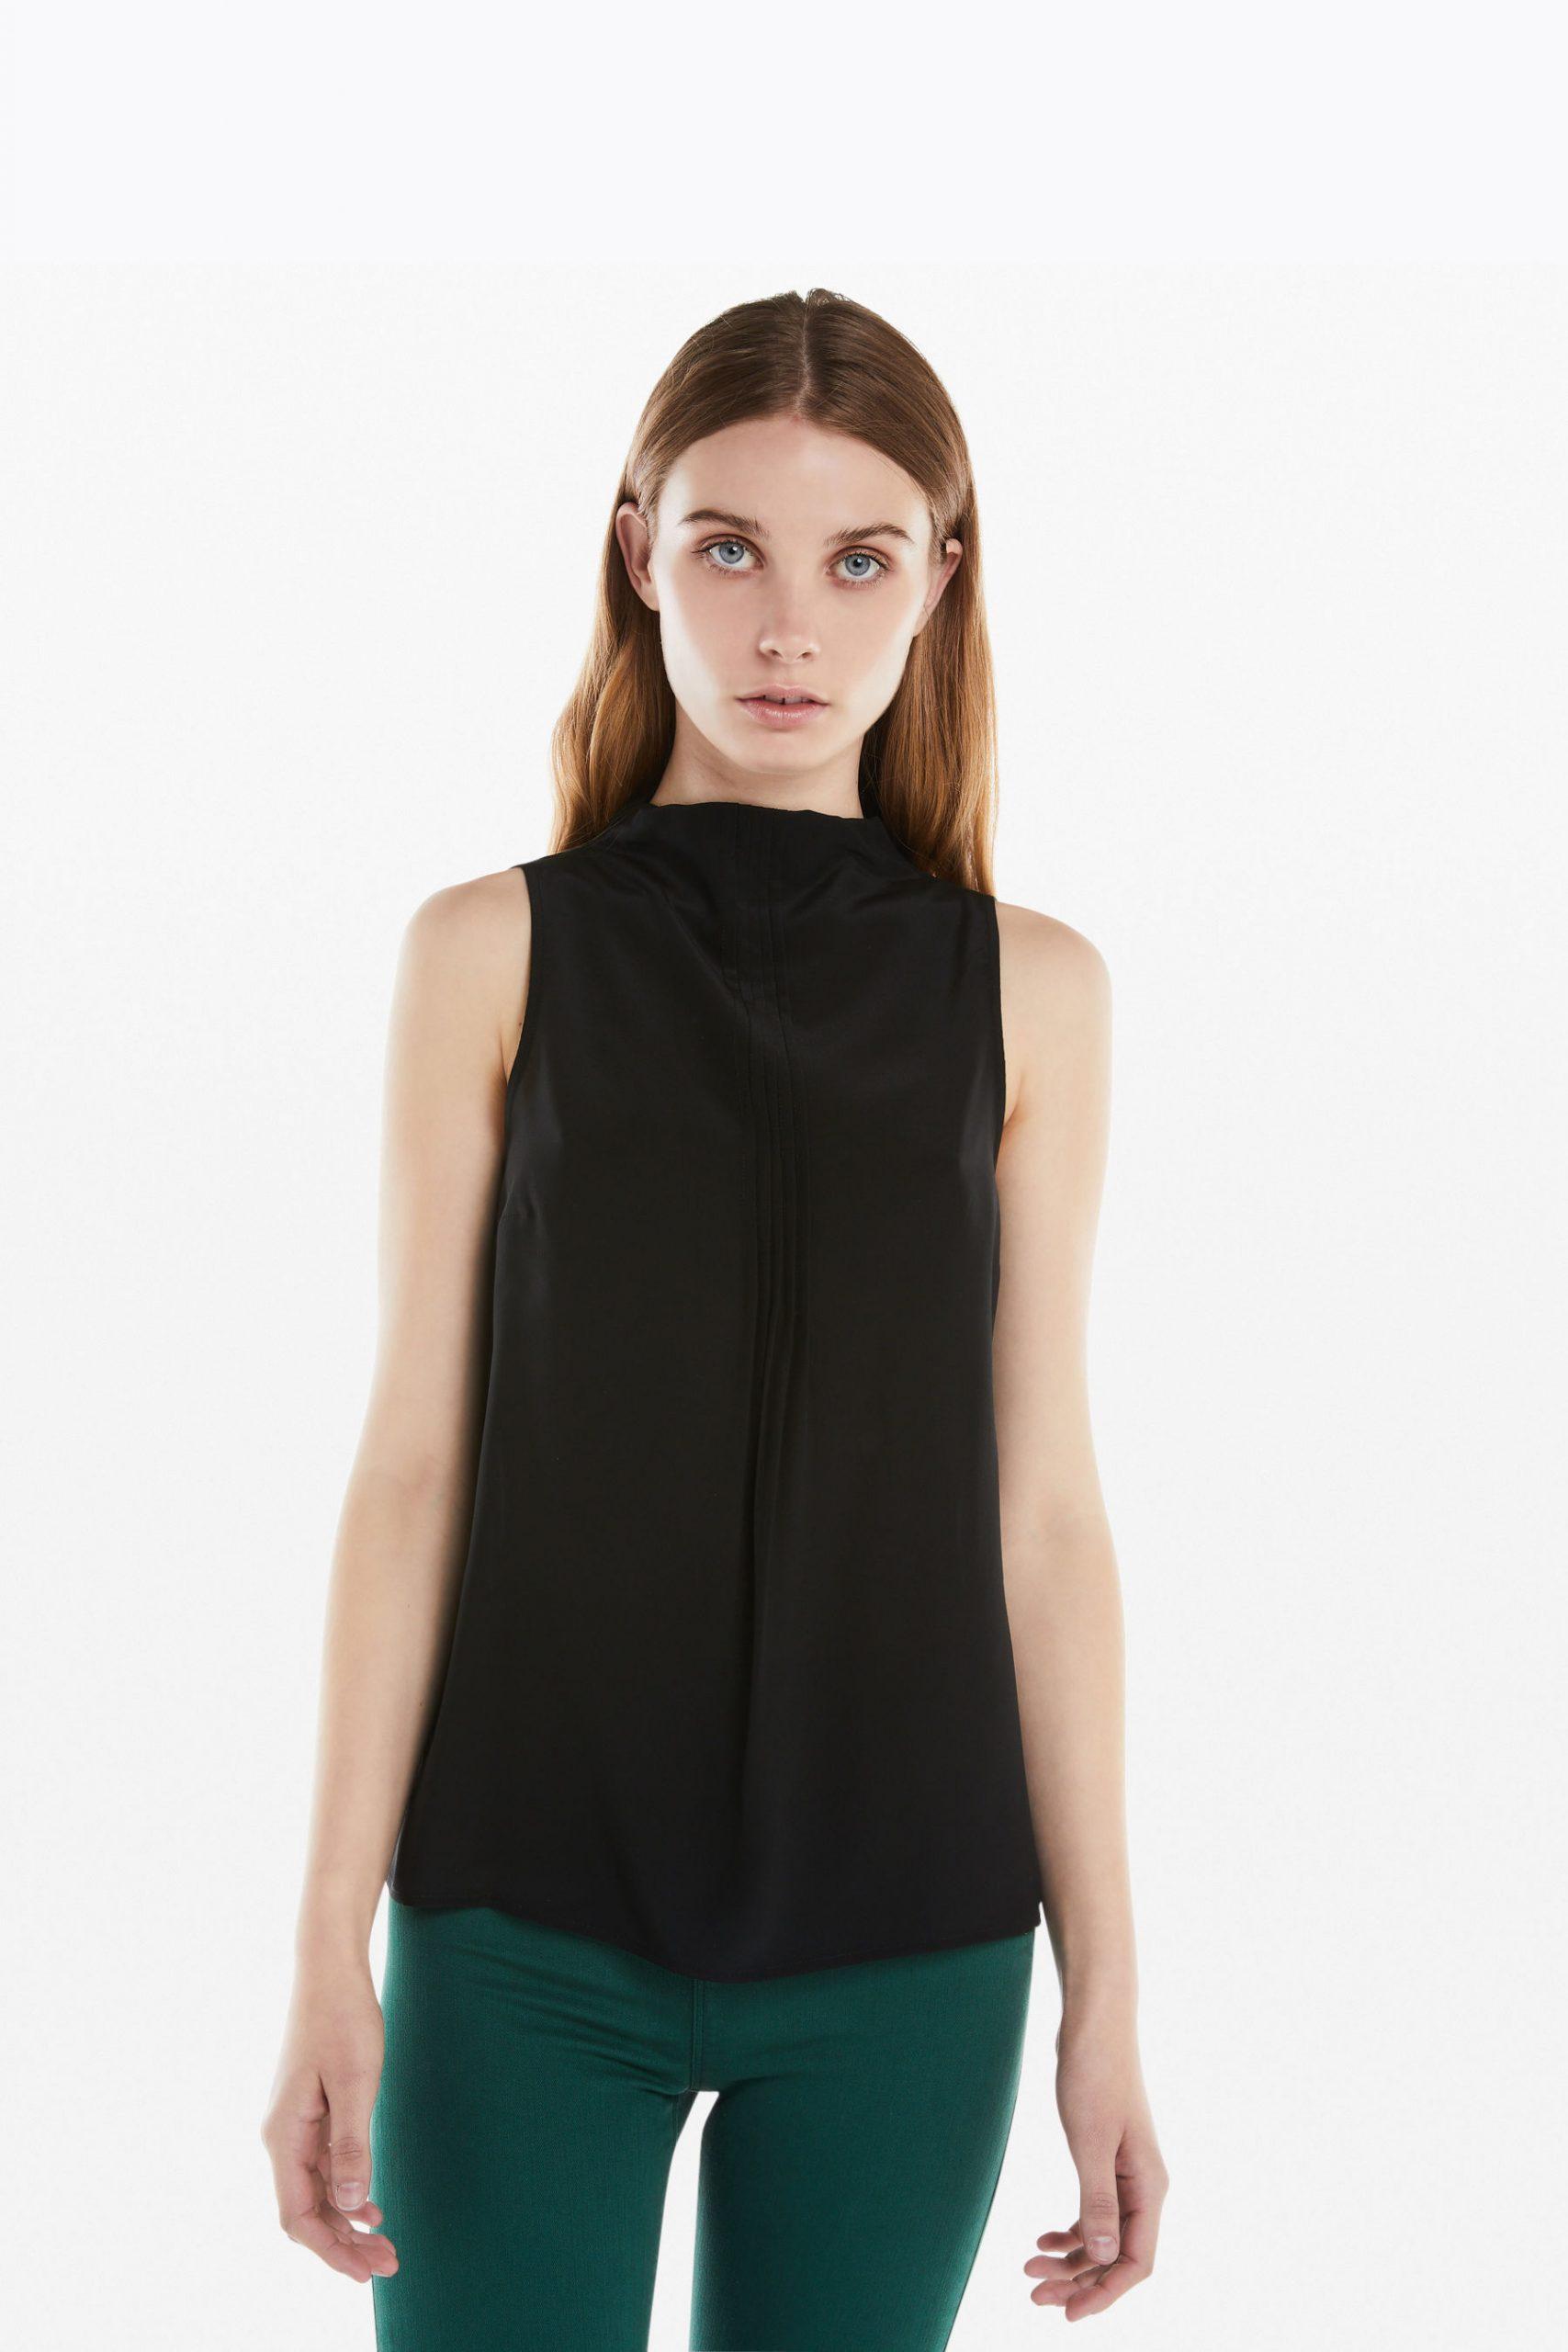 Abbigliamento Patrizia Pepe  Top in Seta Black female collezione 2020 shop the look